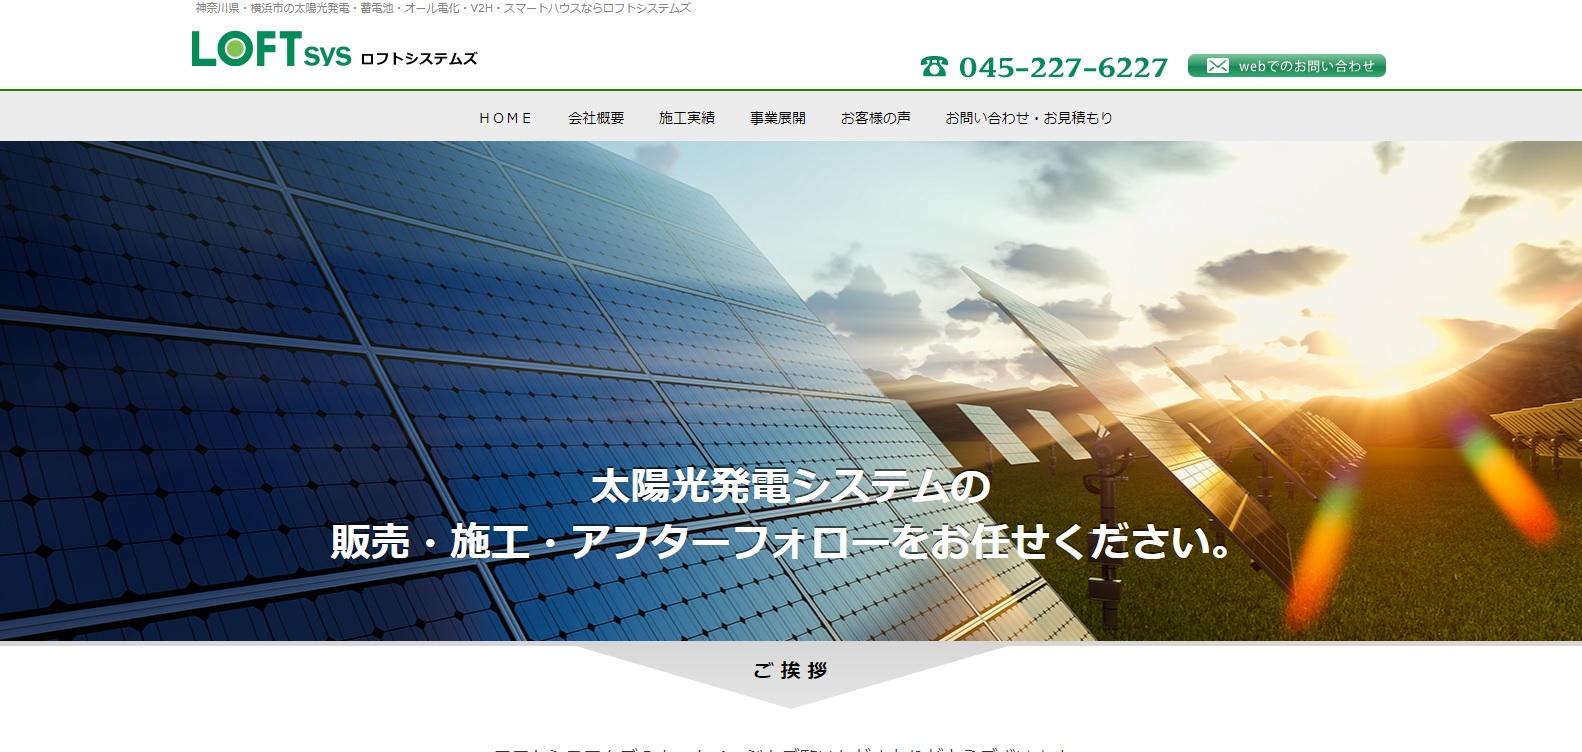 株式会社ロフトシステムズが「首都圏 太陽光発電・蓄電池業者 アフターサービス満足度」など3項目で第1位を獲得!